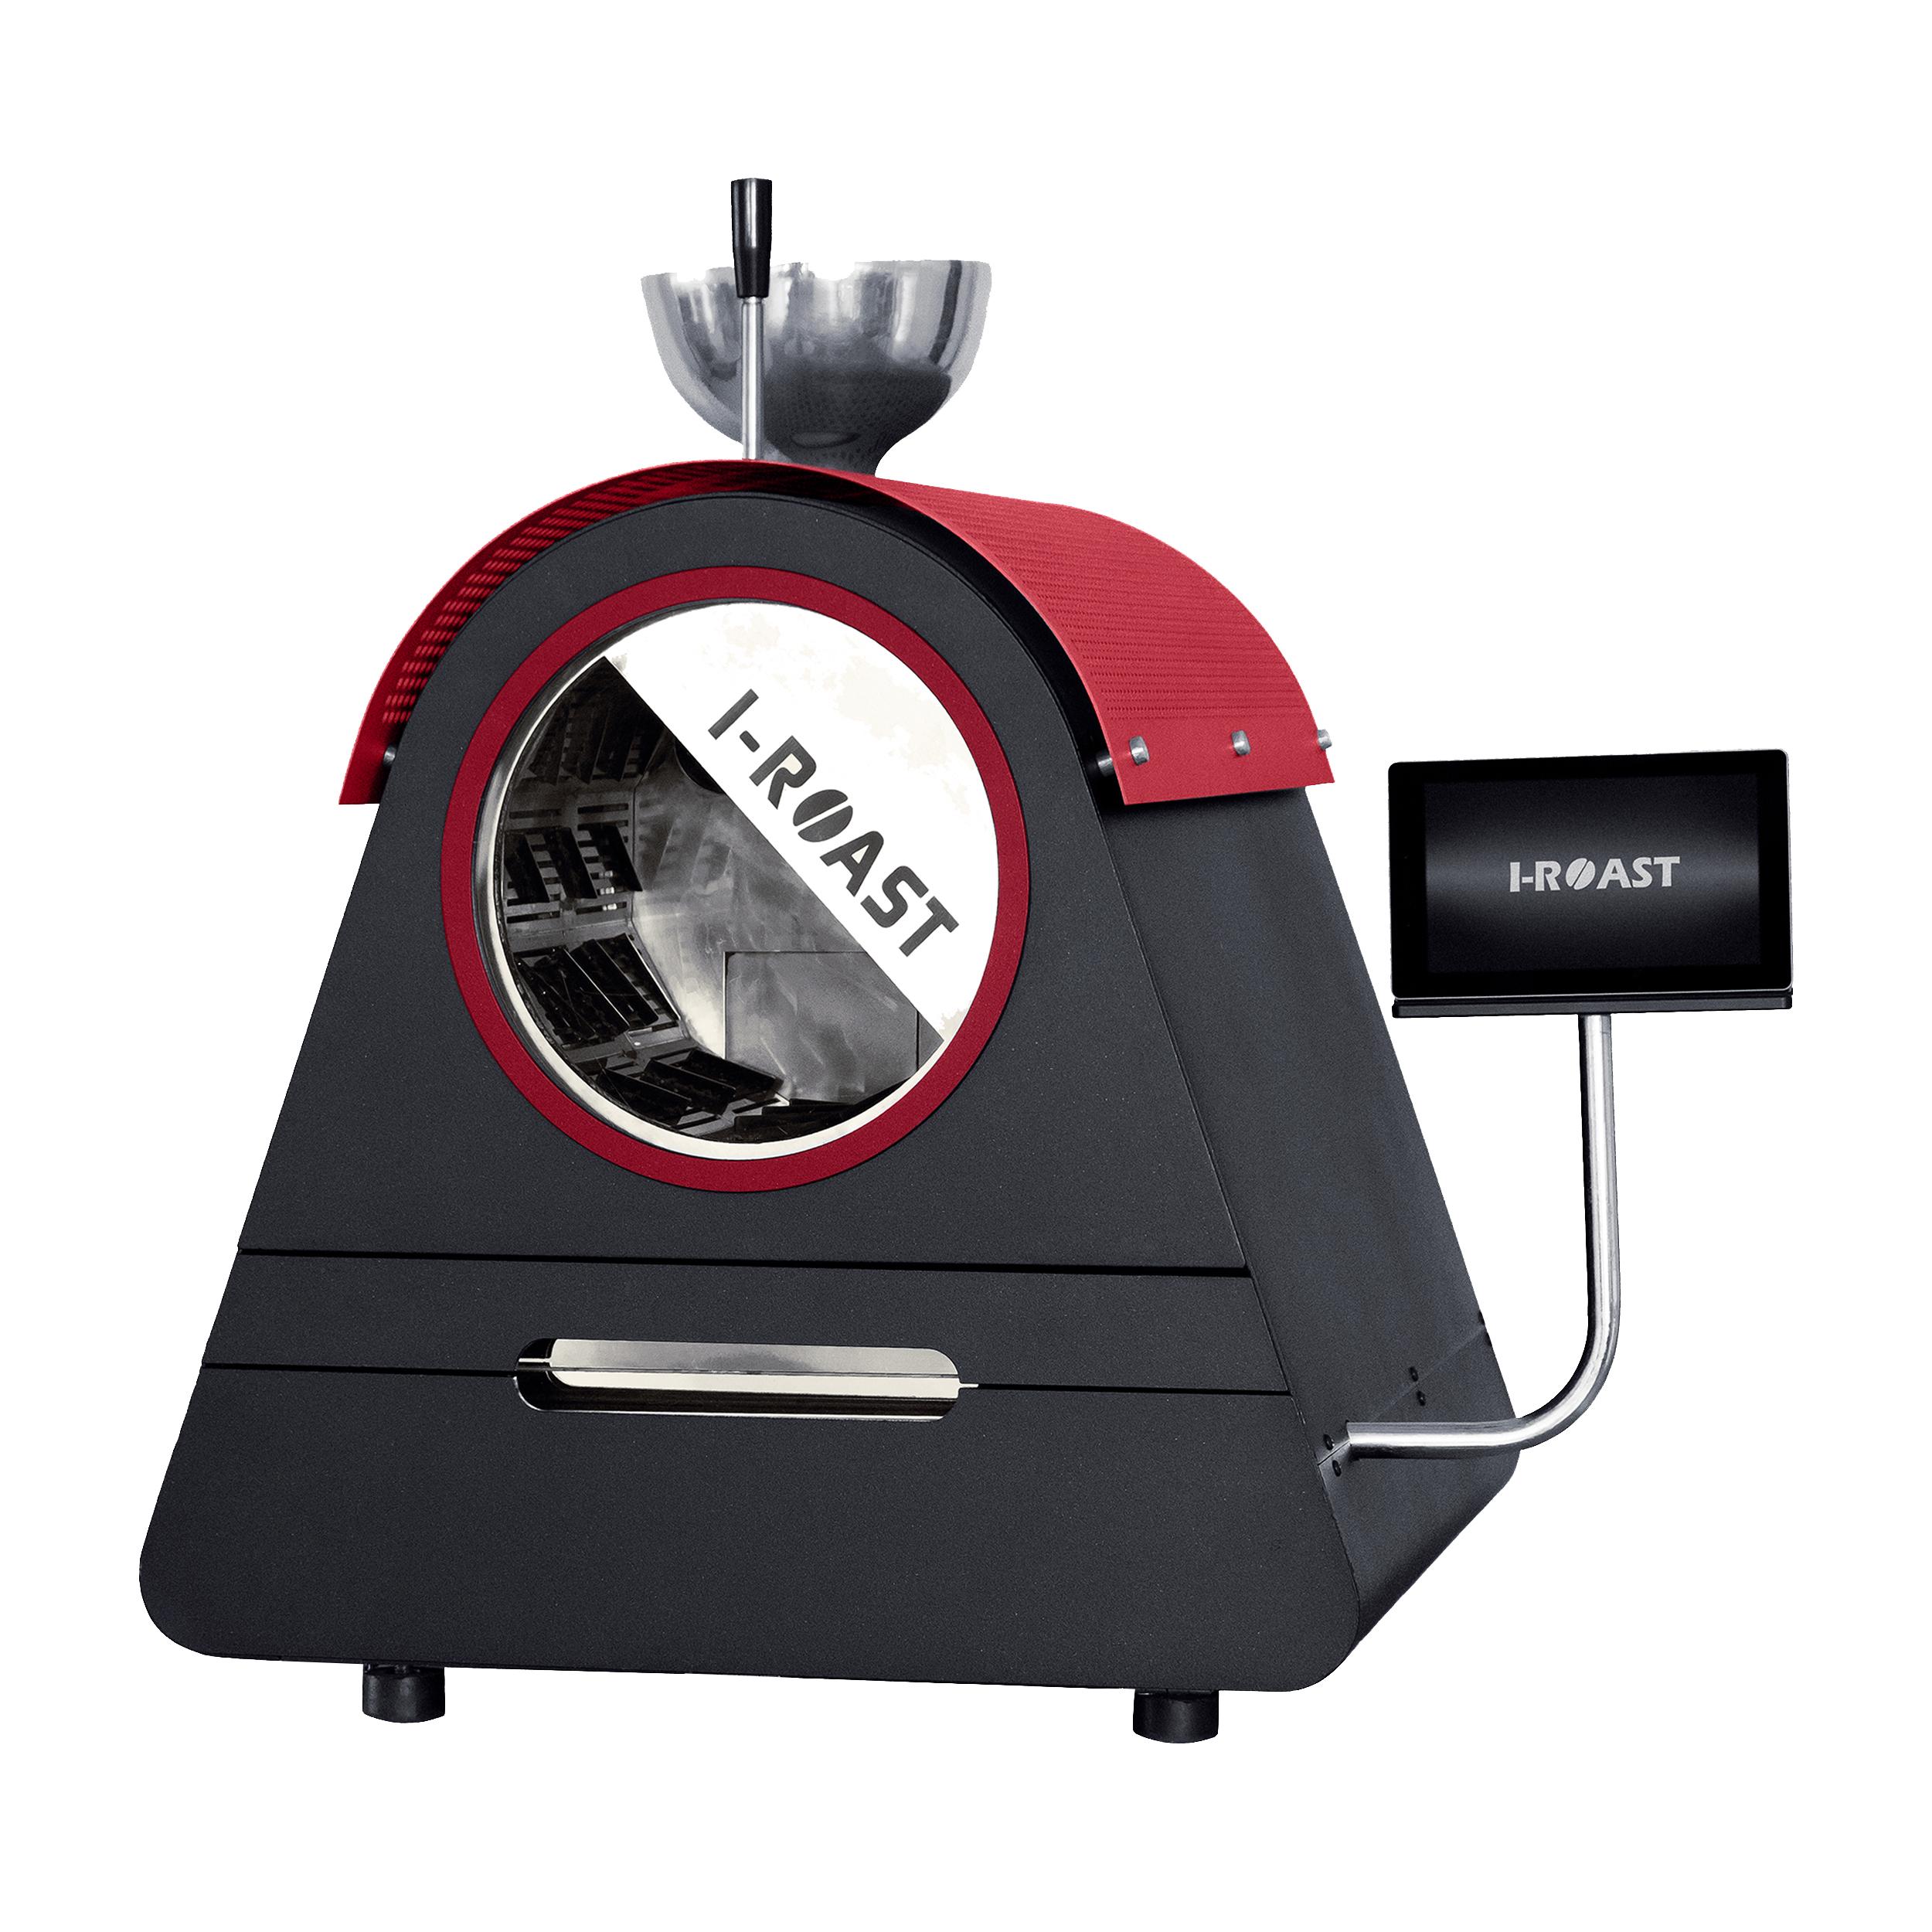 دستگاه رستر قهوه آی رست مدل RX15